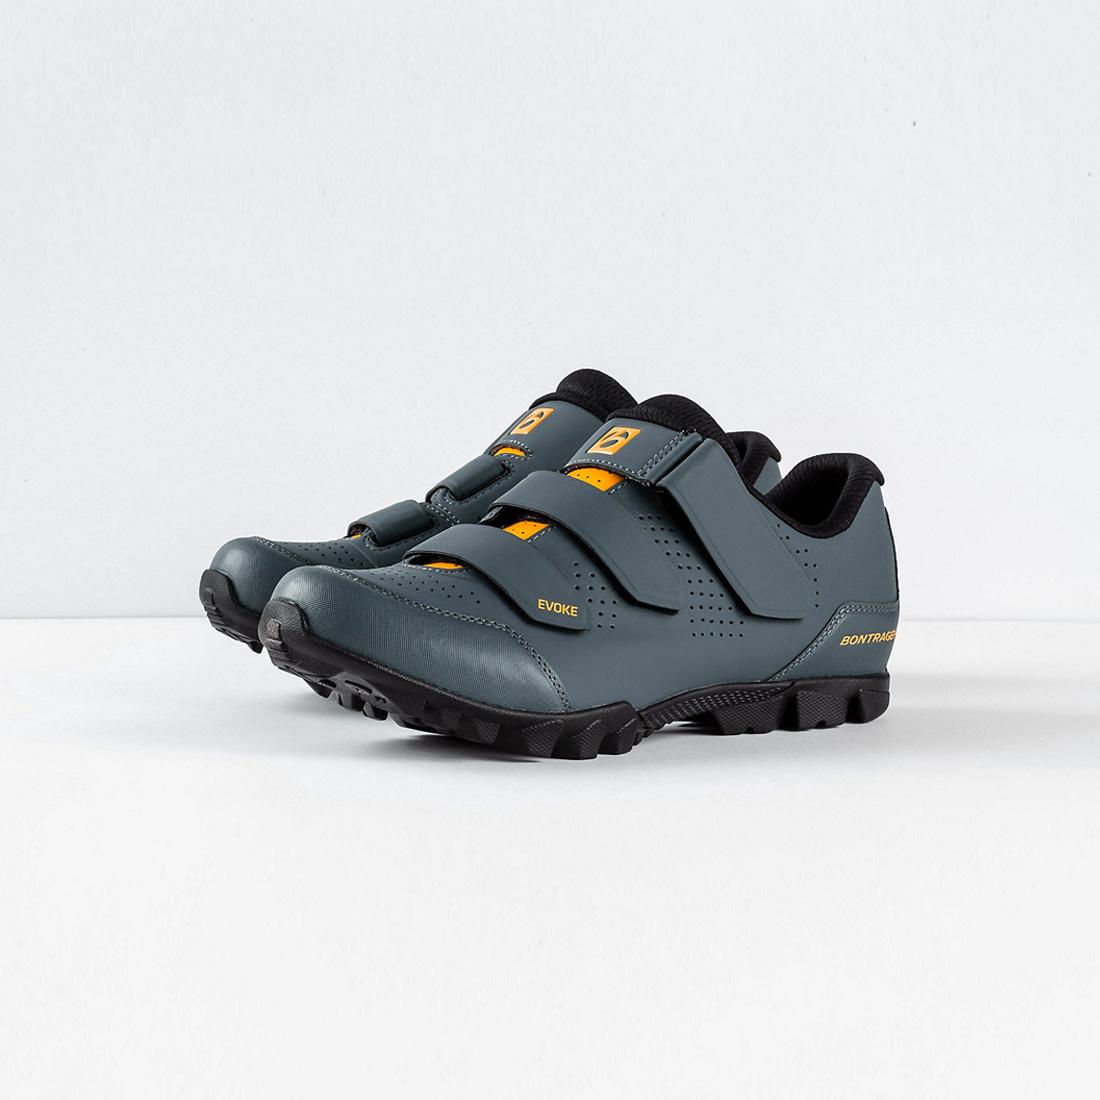 Chuck bontr EV rubber sole cycling shoes lock shoes oke mountain bike bike